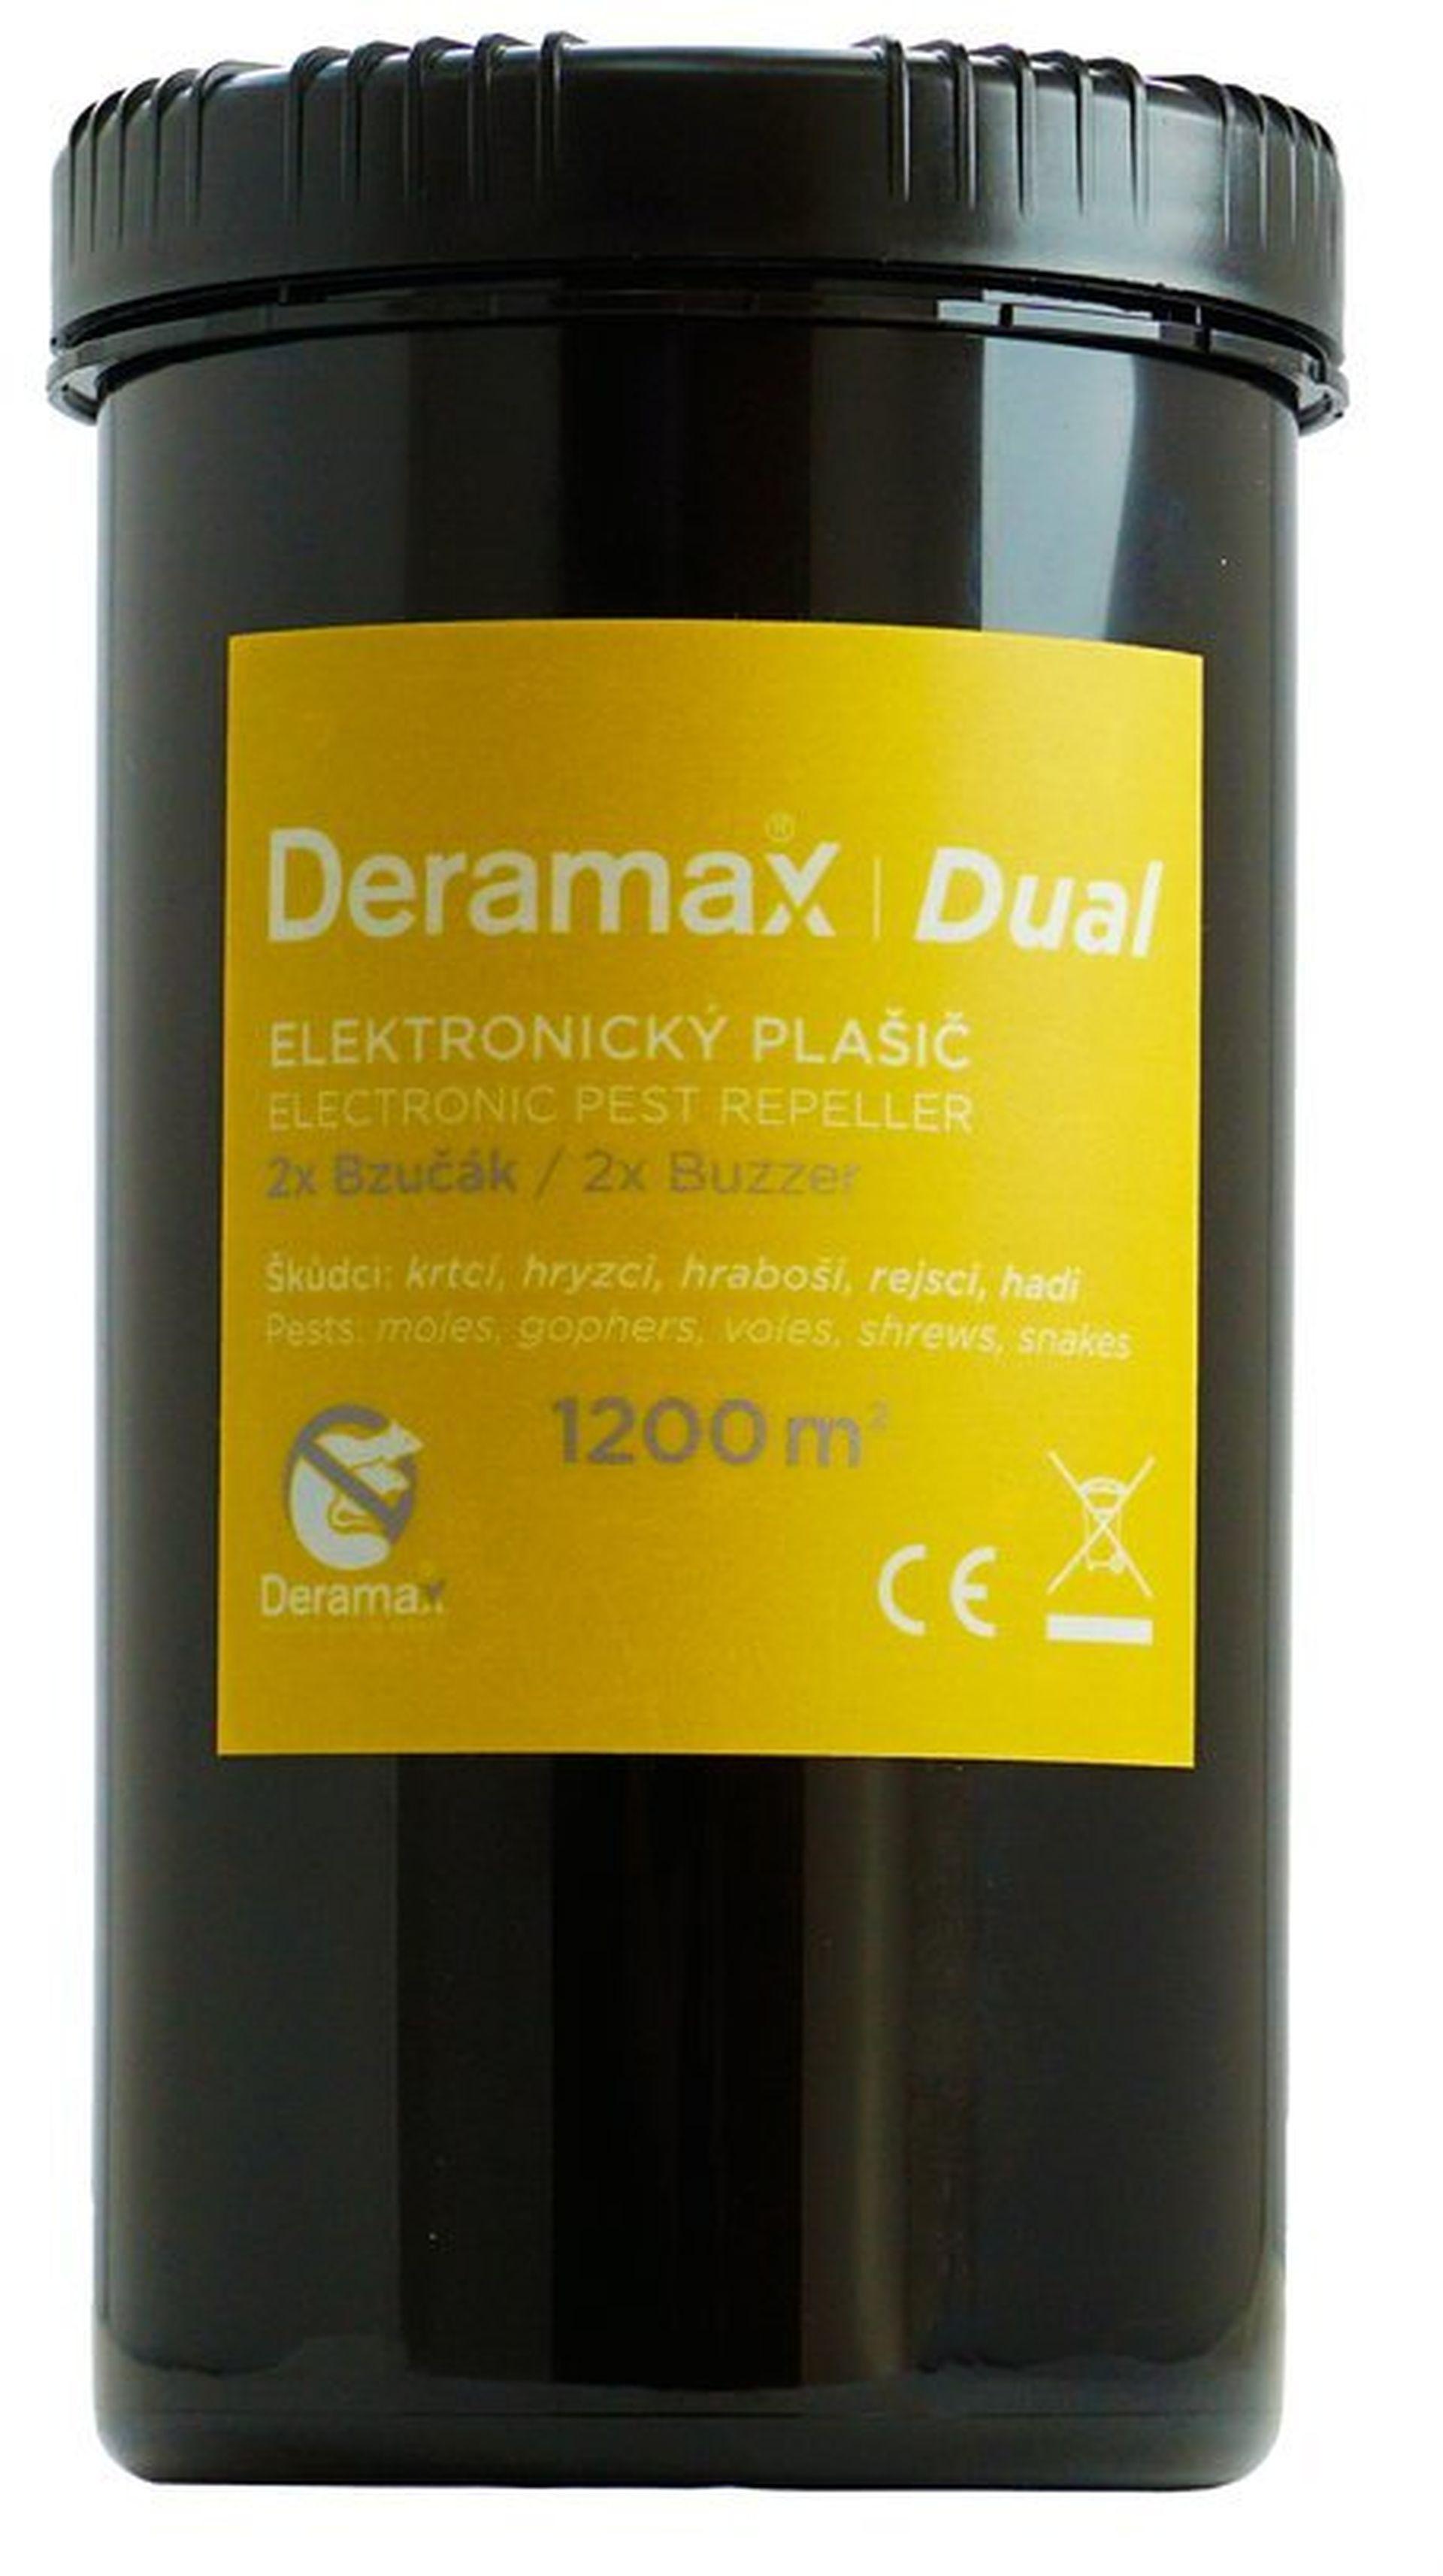 Deramax-Dual Elektronický plašič (odpuzovač) krtků a hryzců 0350